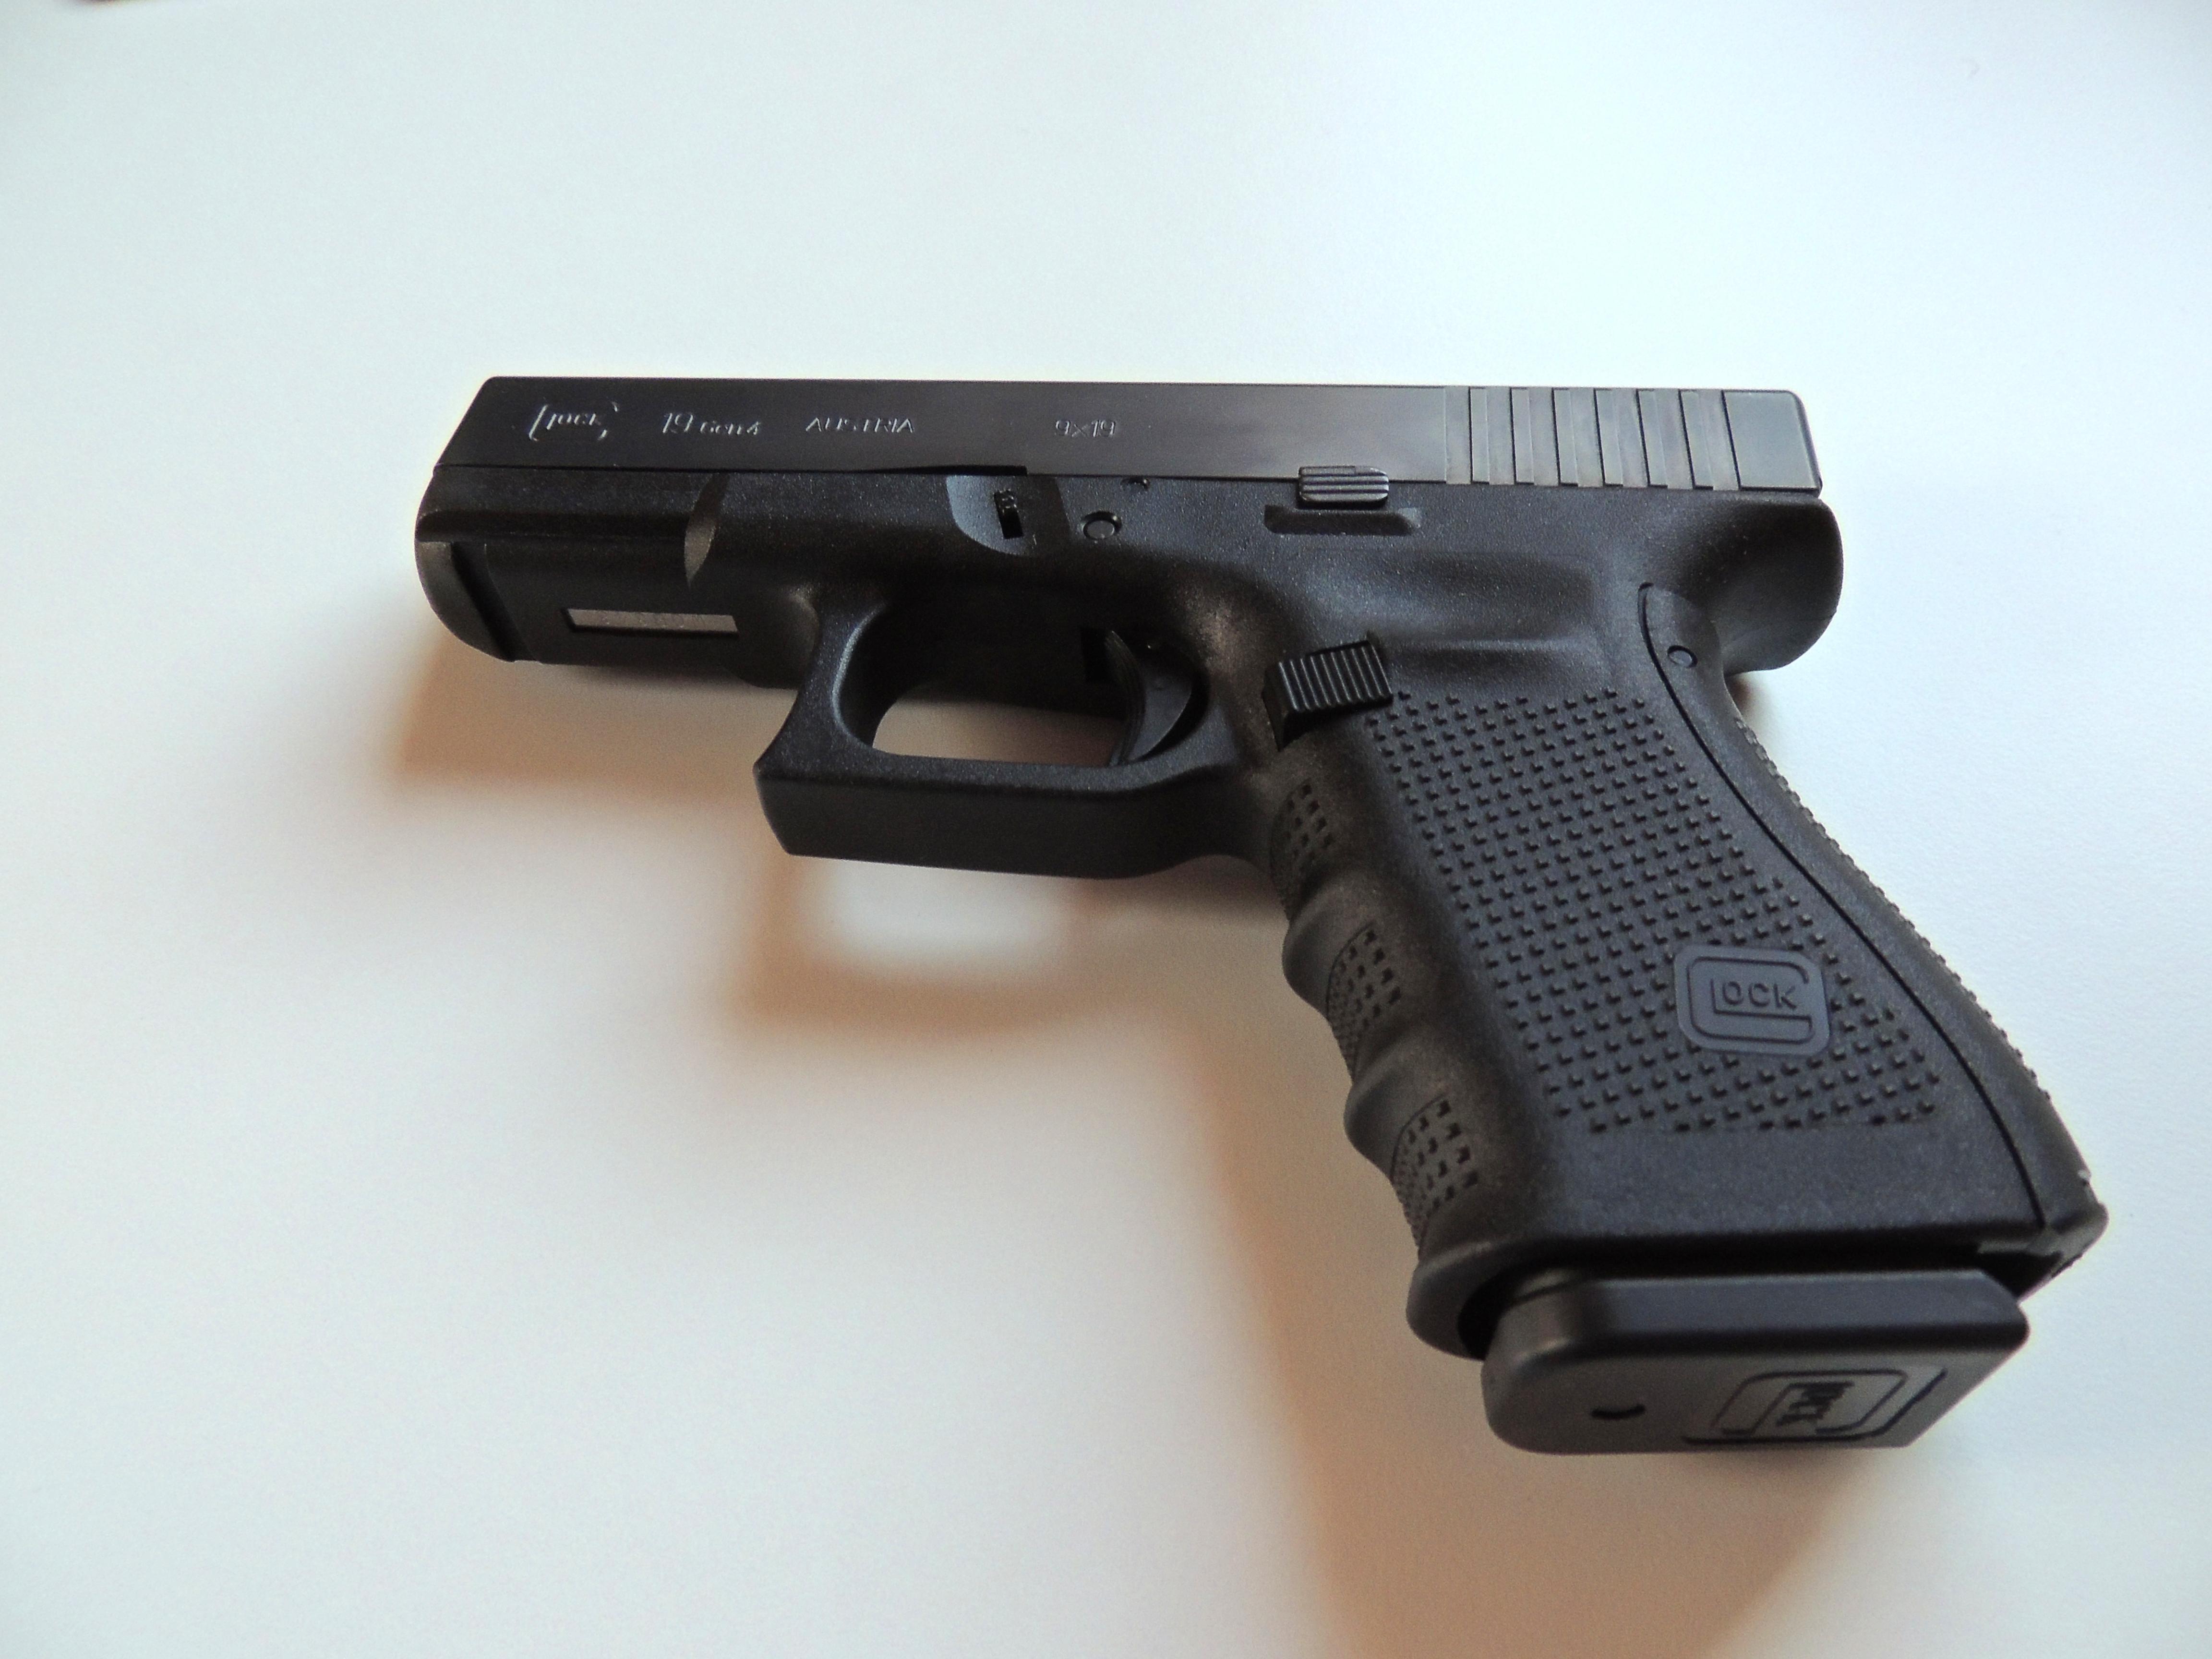 Glock 17 Gen 4 Hd